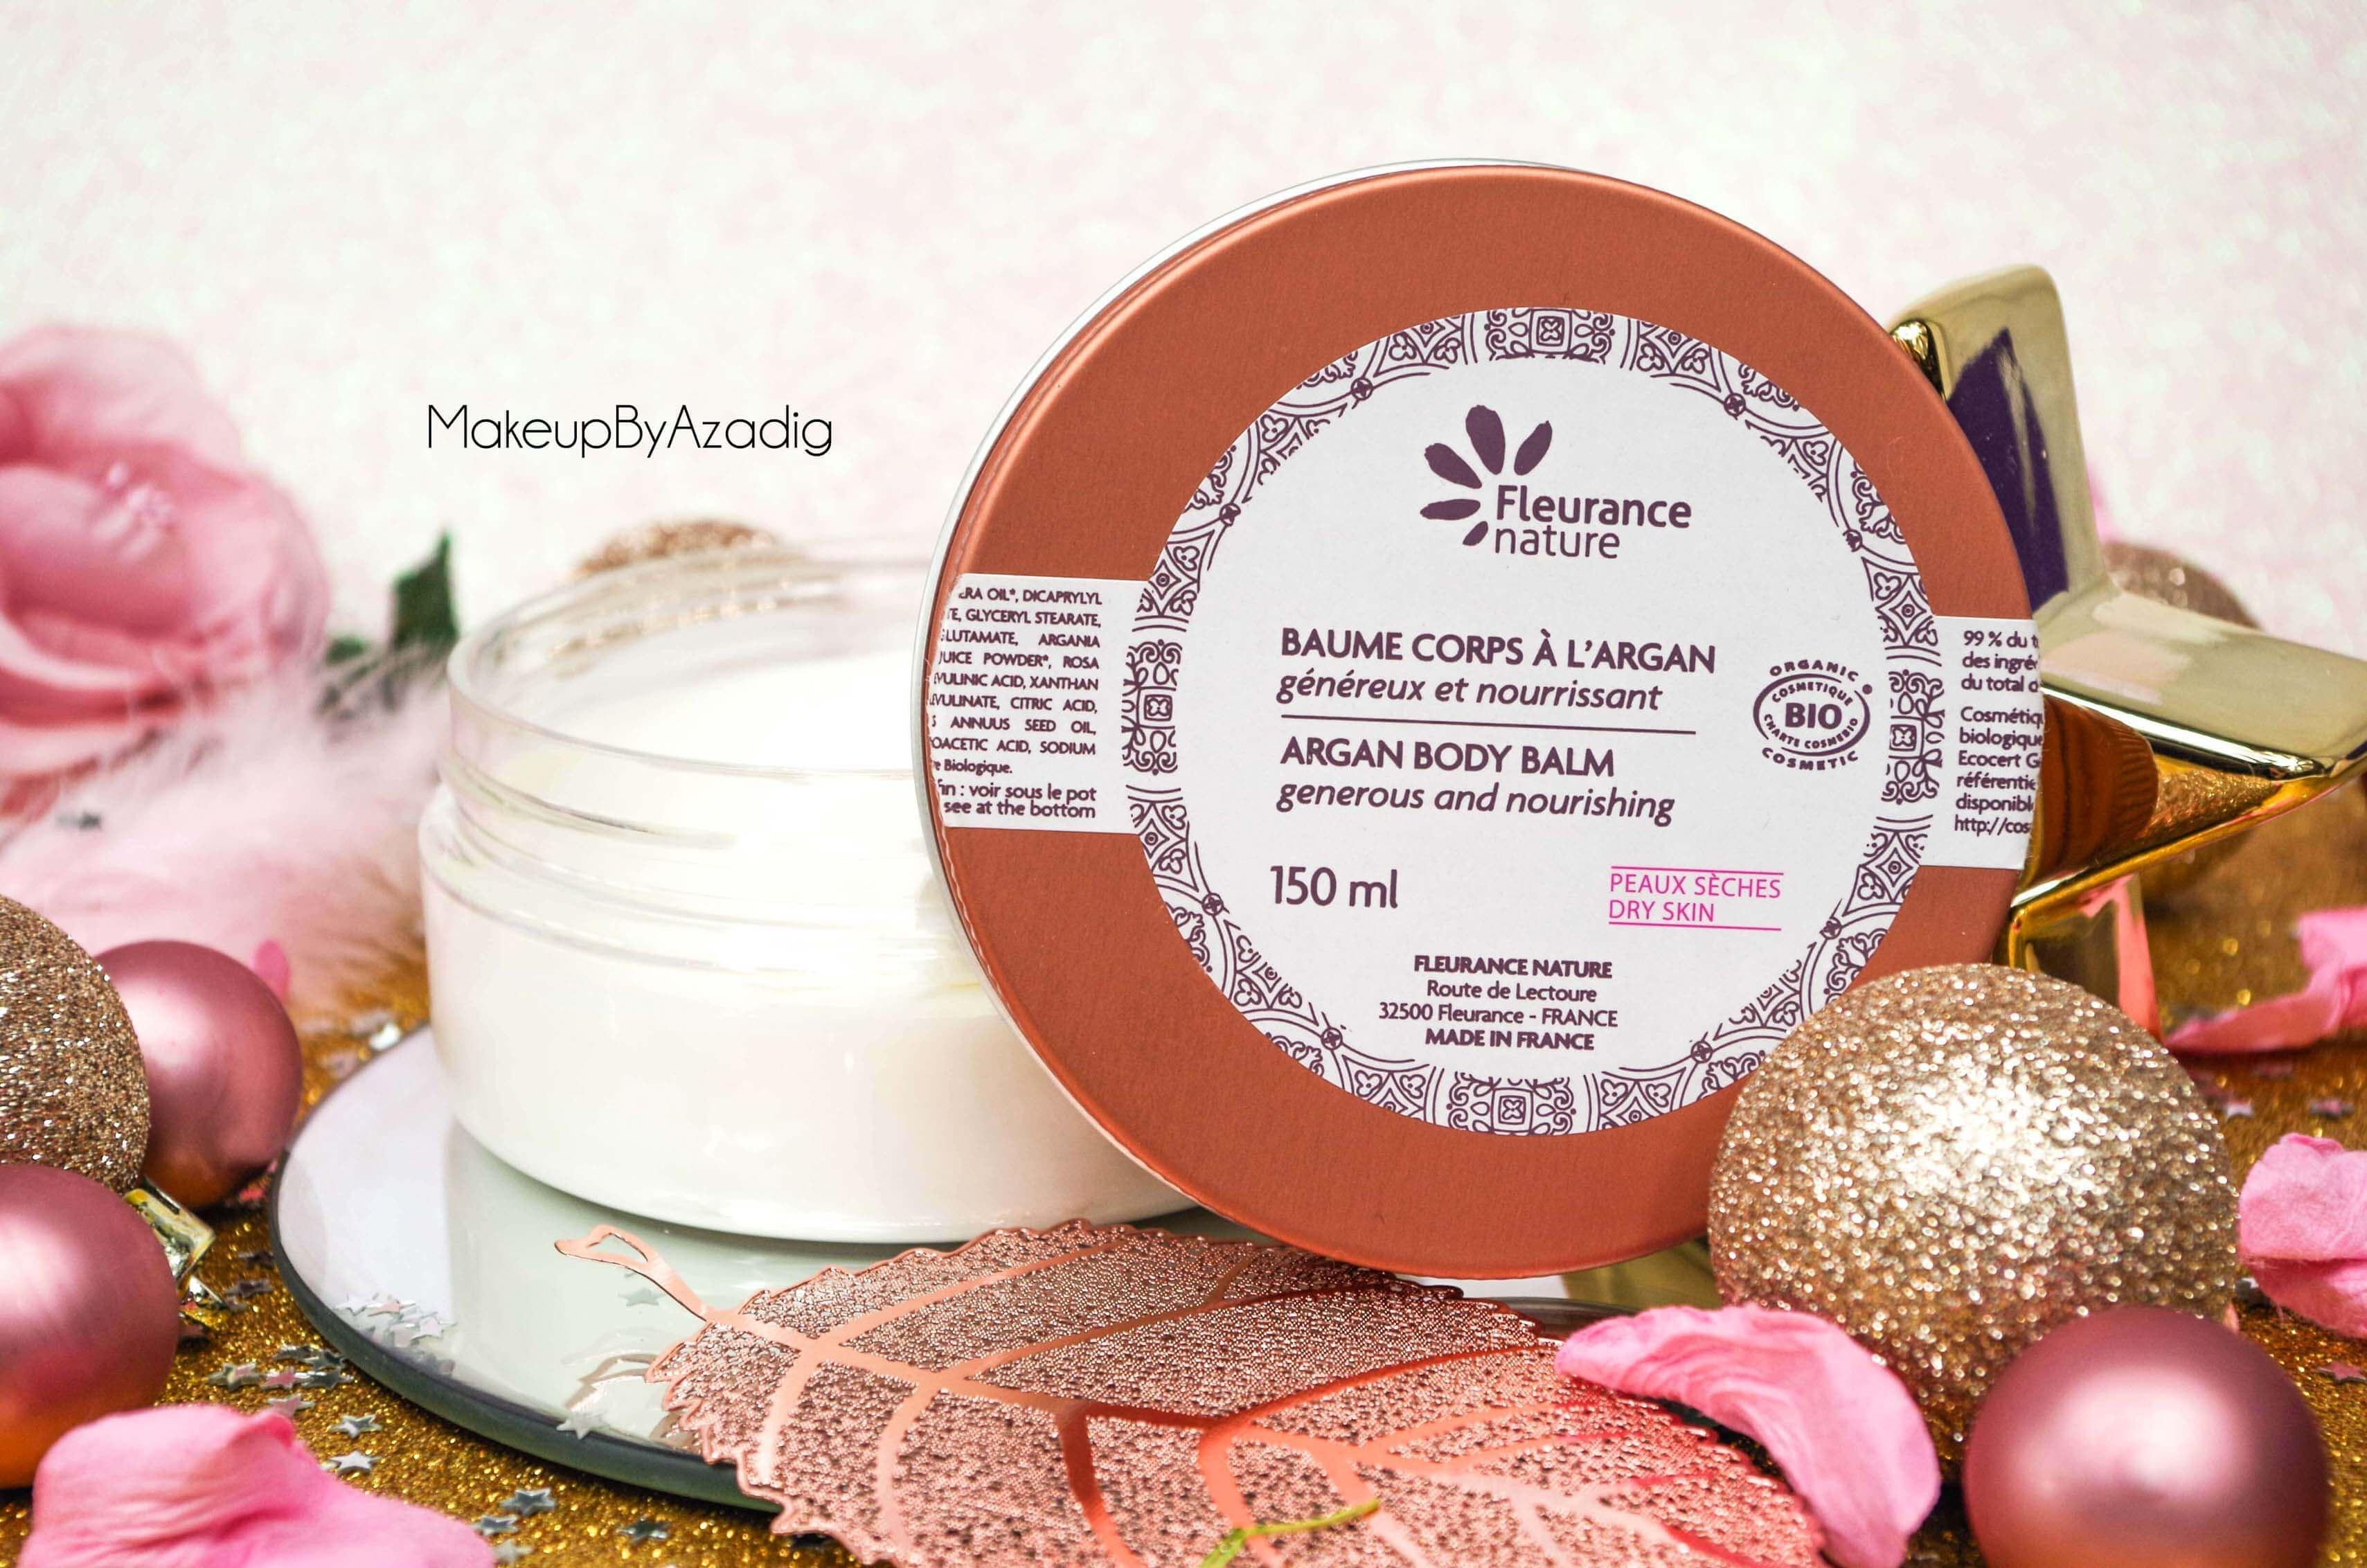 miniature-baume-corps-argan-fleurance-nature-cosmetique-bio-makeupbyazadig-paris-avis-revue-troyes-blog-peaux seches-2